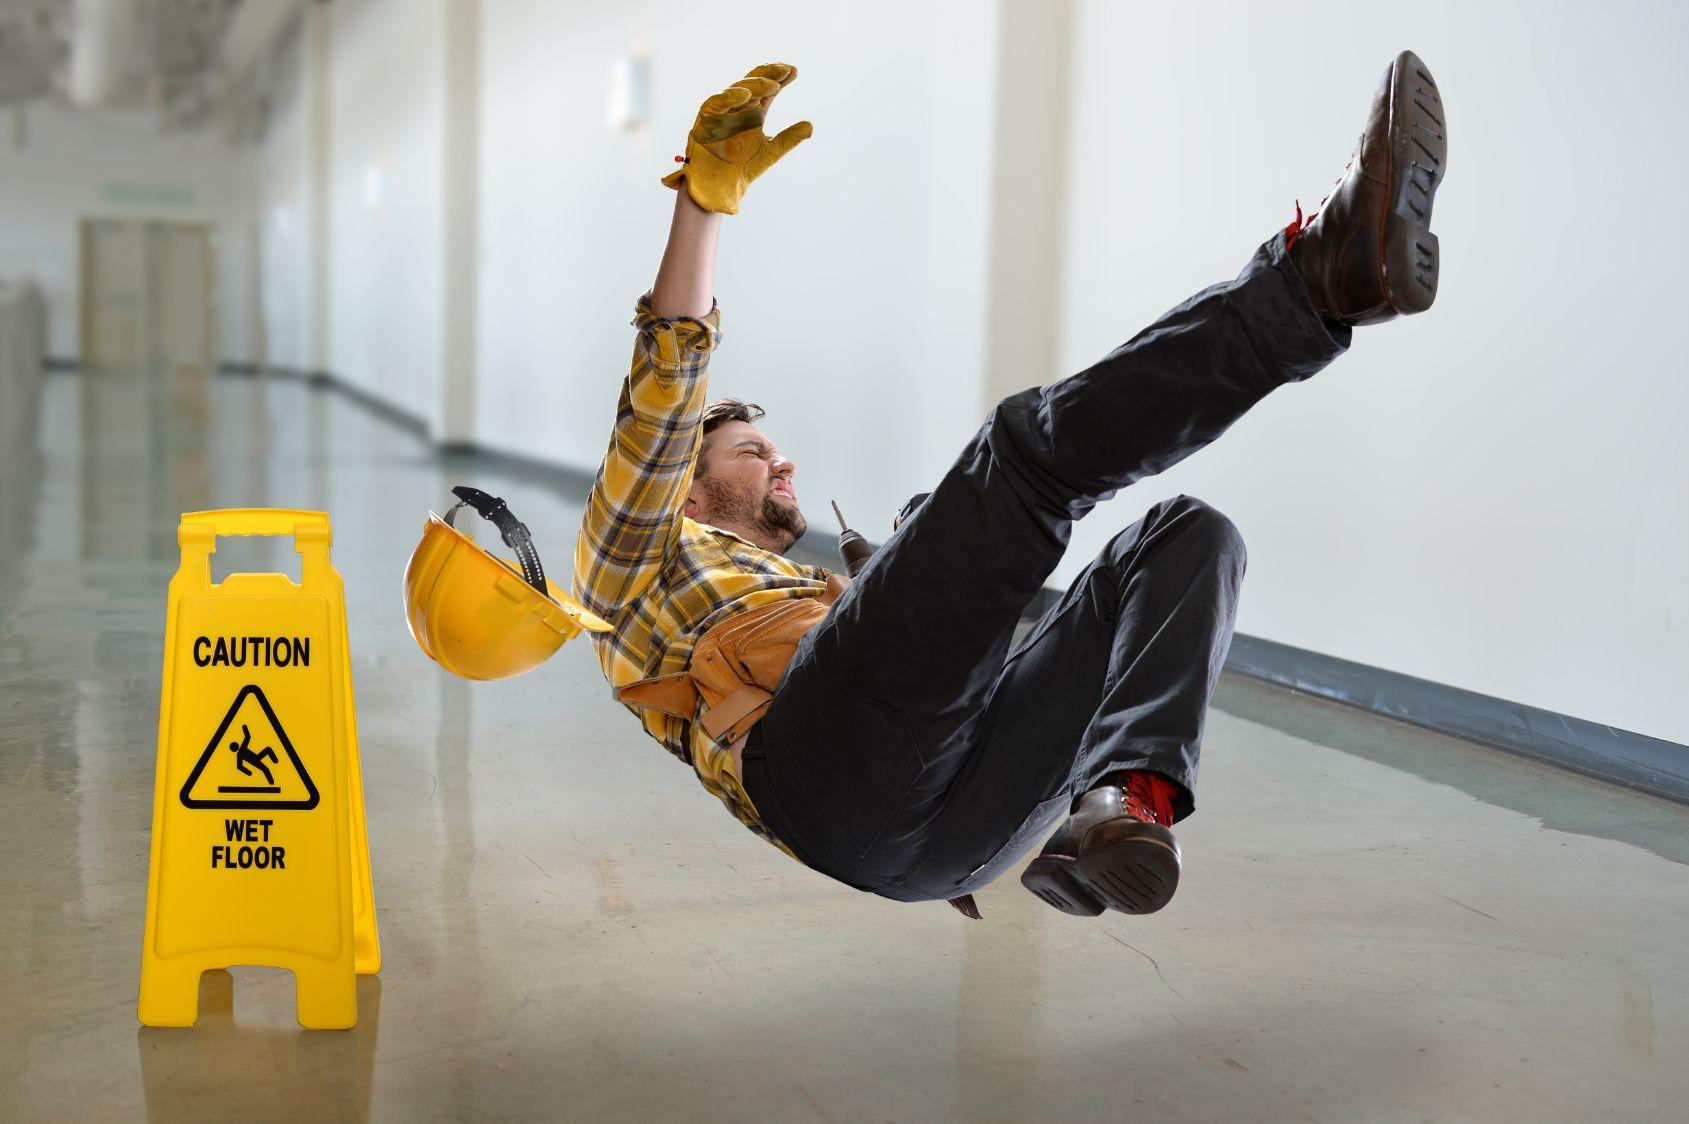 Trabajador de construcción cayendo en una zona con piso mojado.